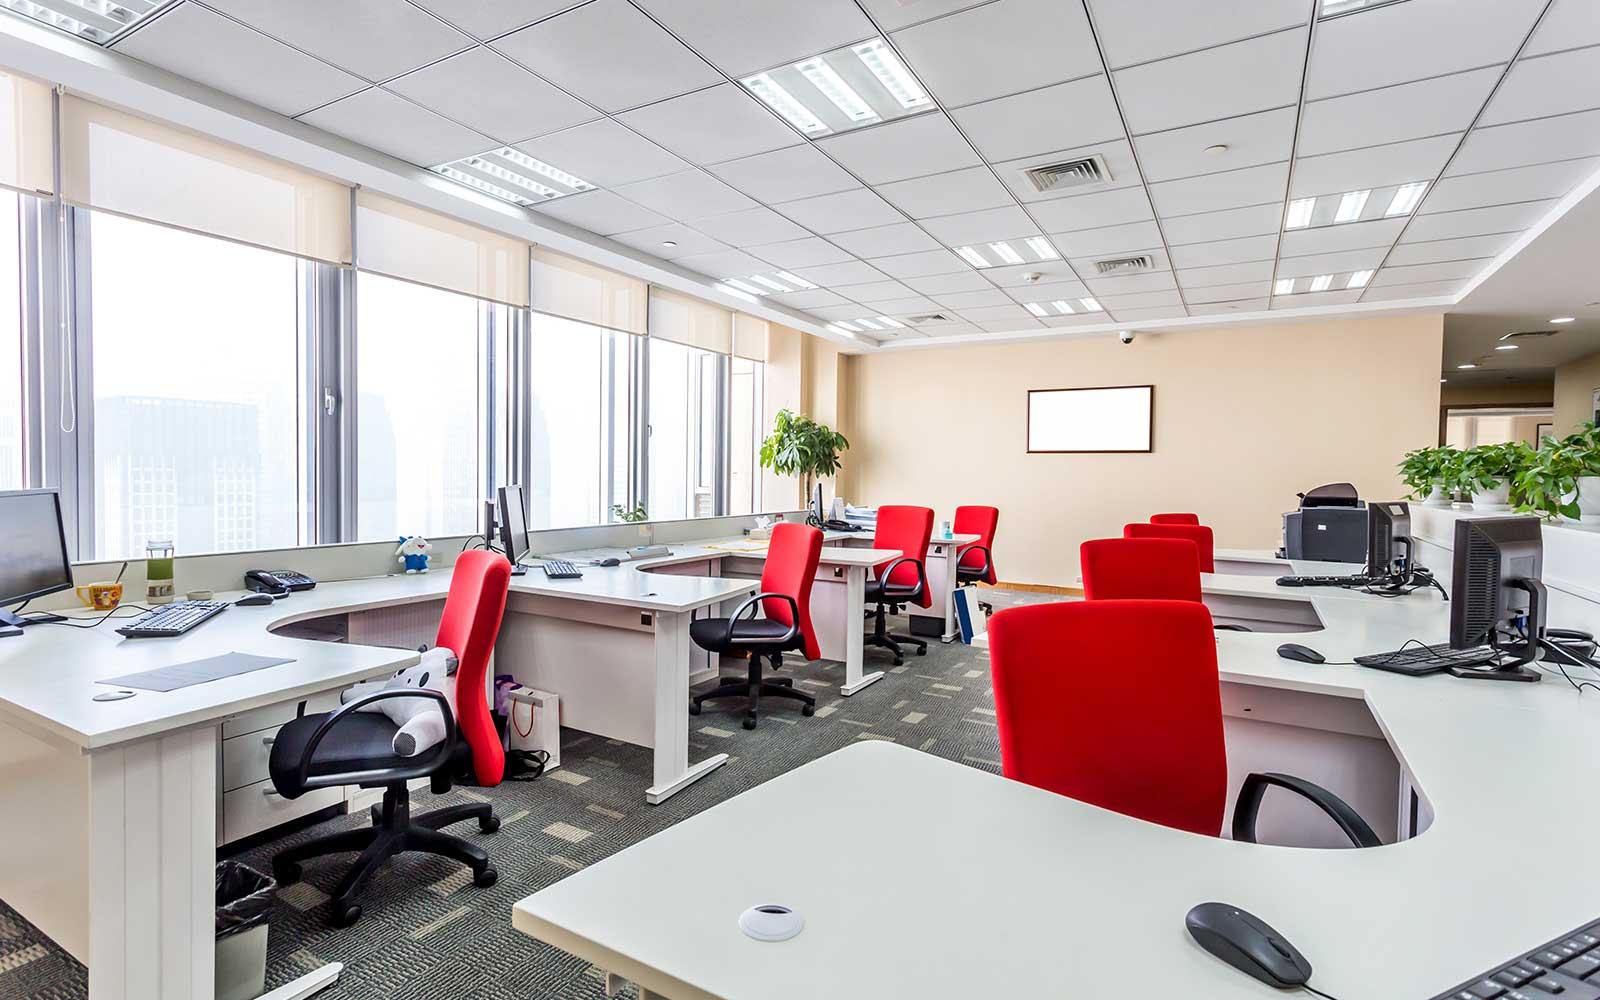 Interno di un ufficio con mobili bianchi e sedie rosse